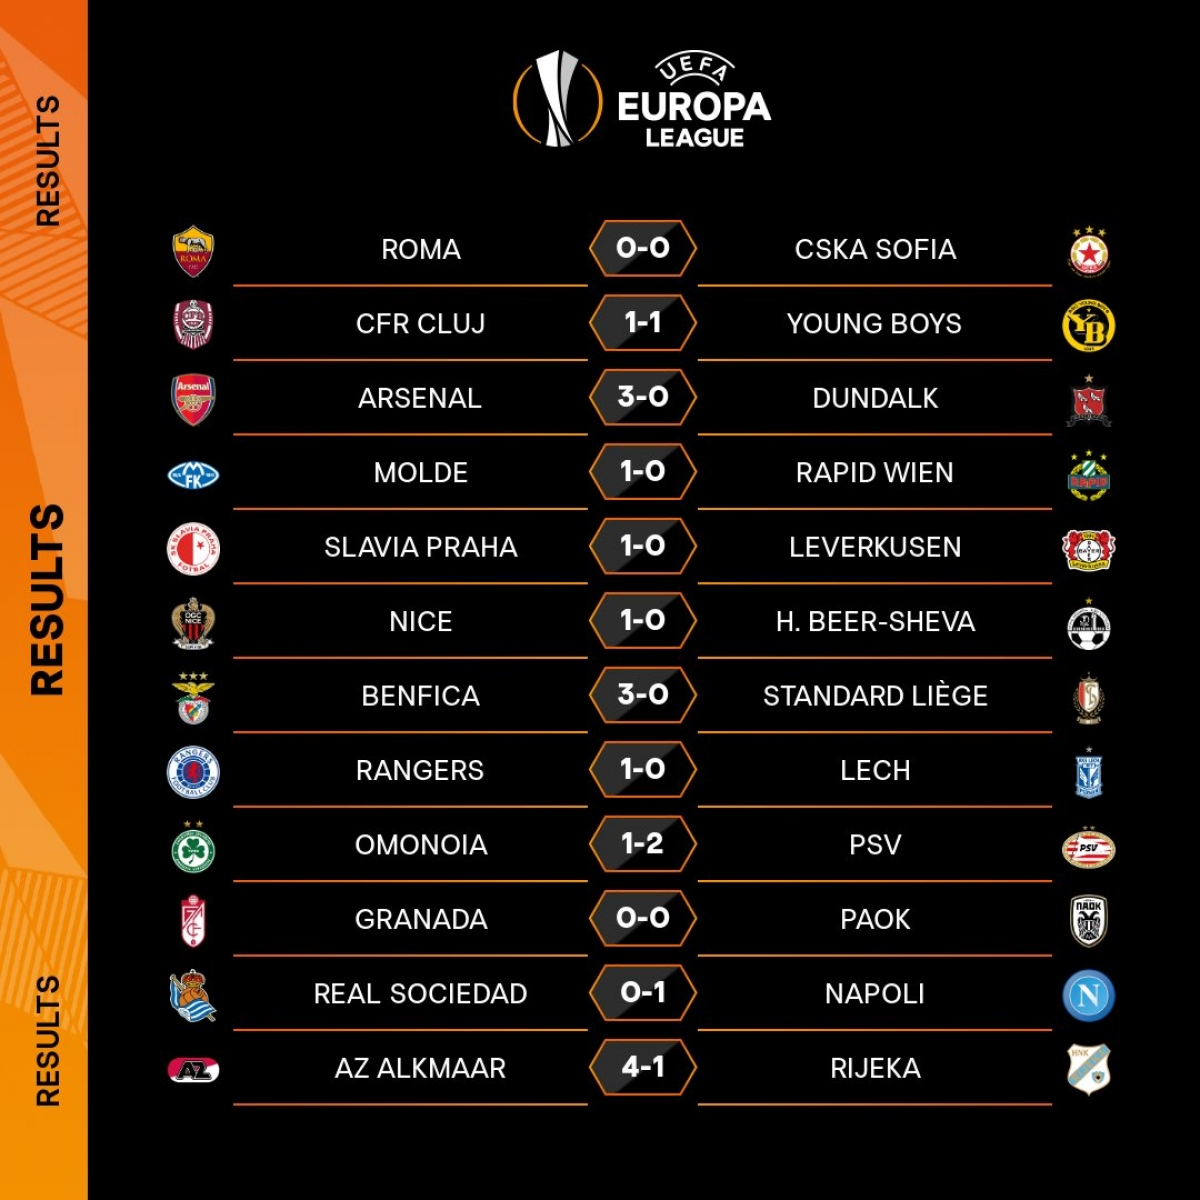 Kết quả loạt trận Europa League diễn ra lúc 3h00 ngày 30/10. (Ảnh: UEFA)